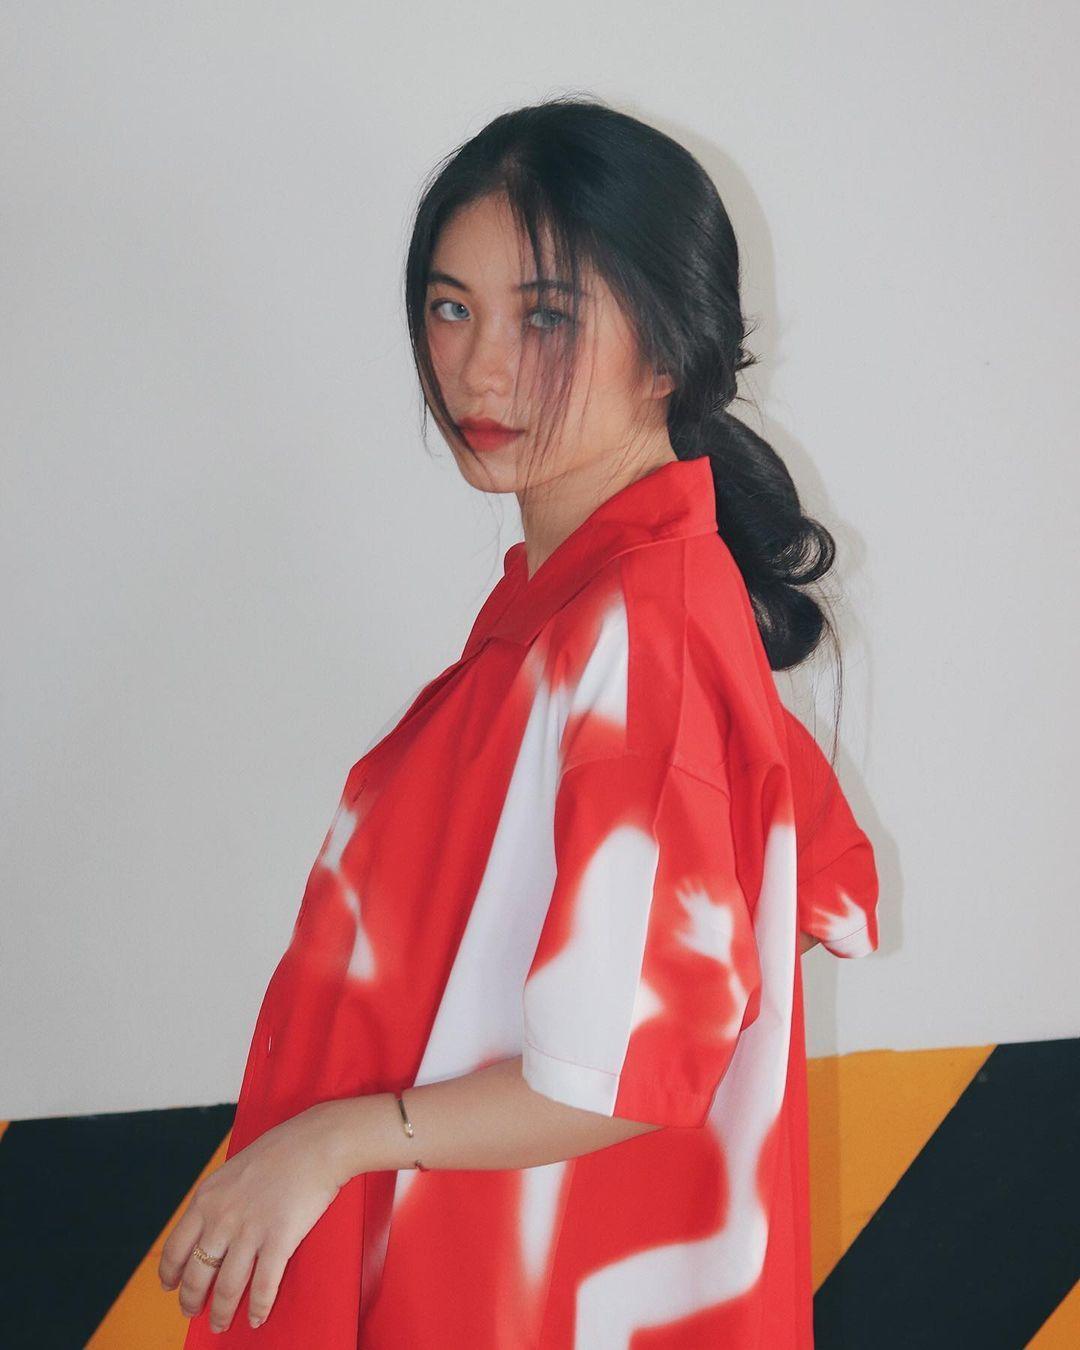 天菜越南妹「Kim Anh」迷蒙眼神仿佛随时在放电空灵气质更是无比疗愈人心 养眼图片 第24张